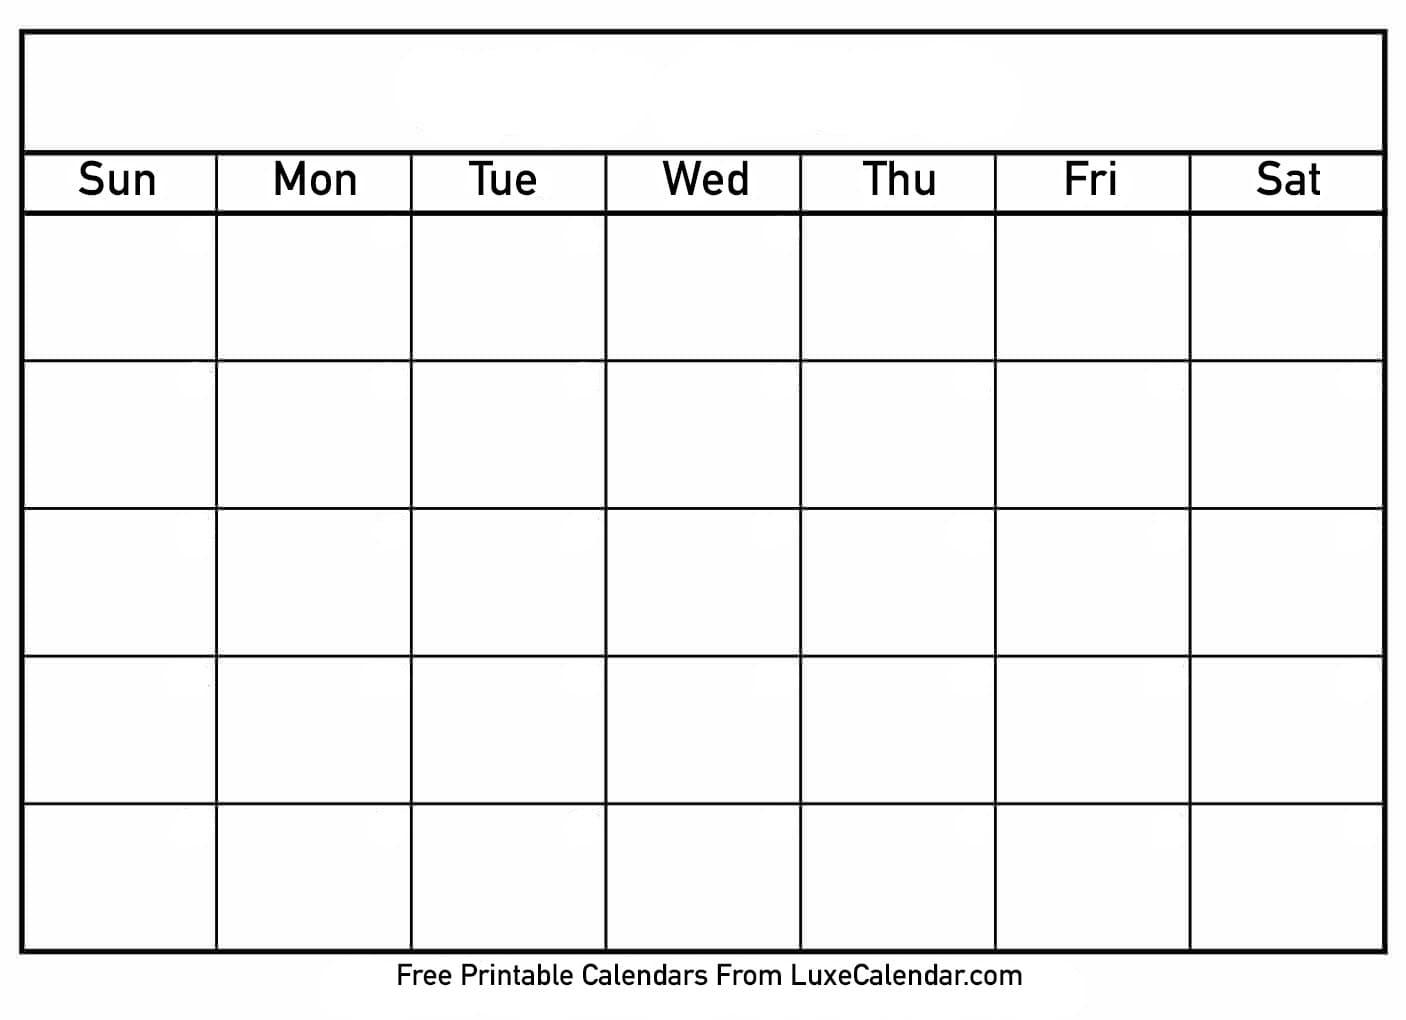 Blank Printable Calendar - Luxe Calendar throughout Free Blank Calendar Templates To Print